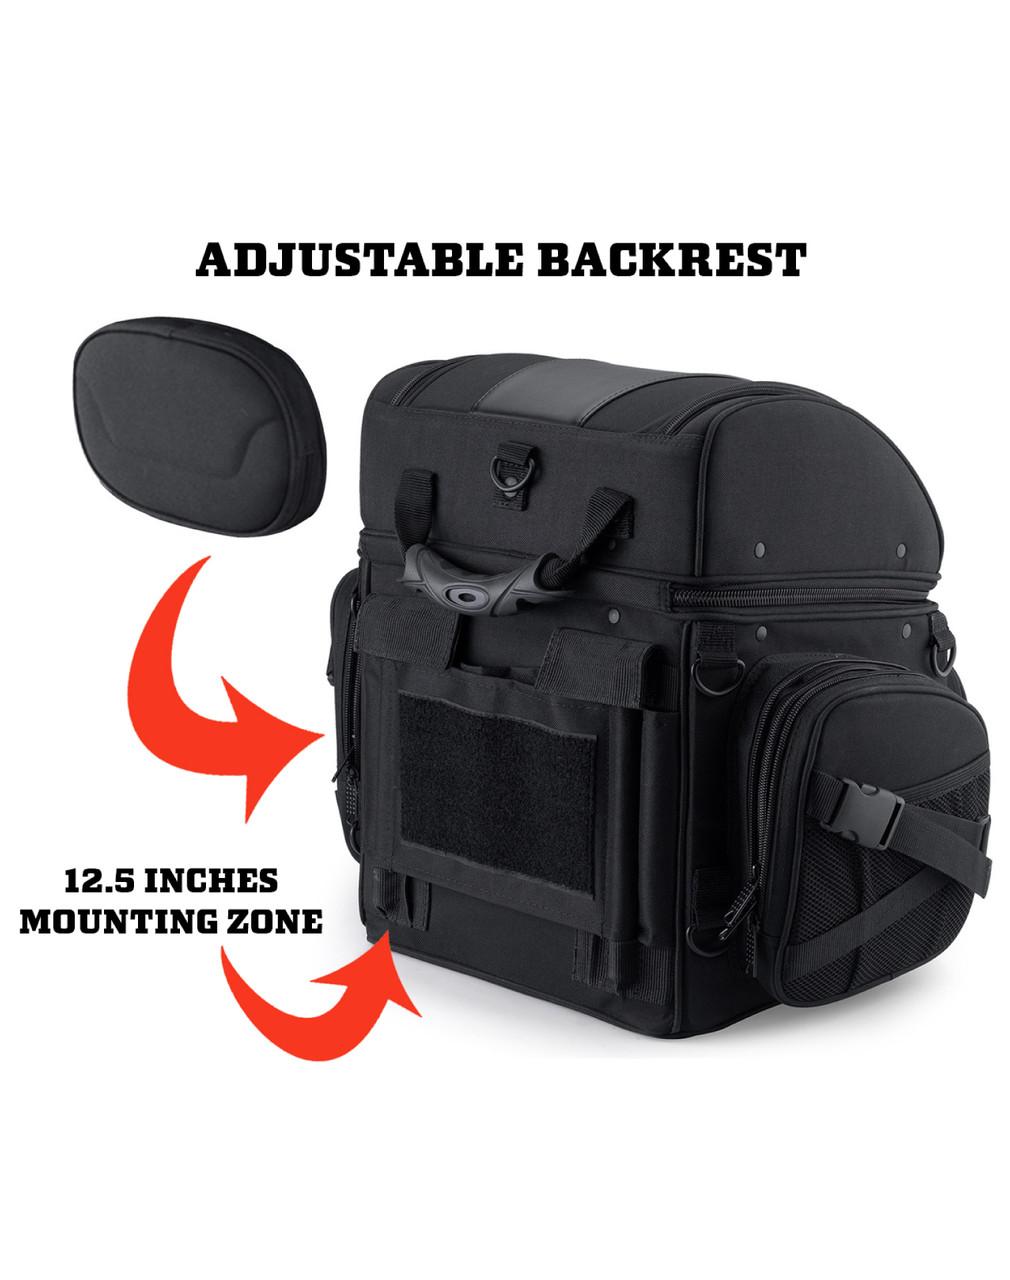 Harley Davidson Large Back Rest Motorcycle Tail Bag Backrest